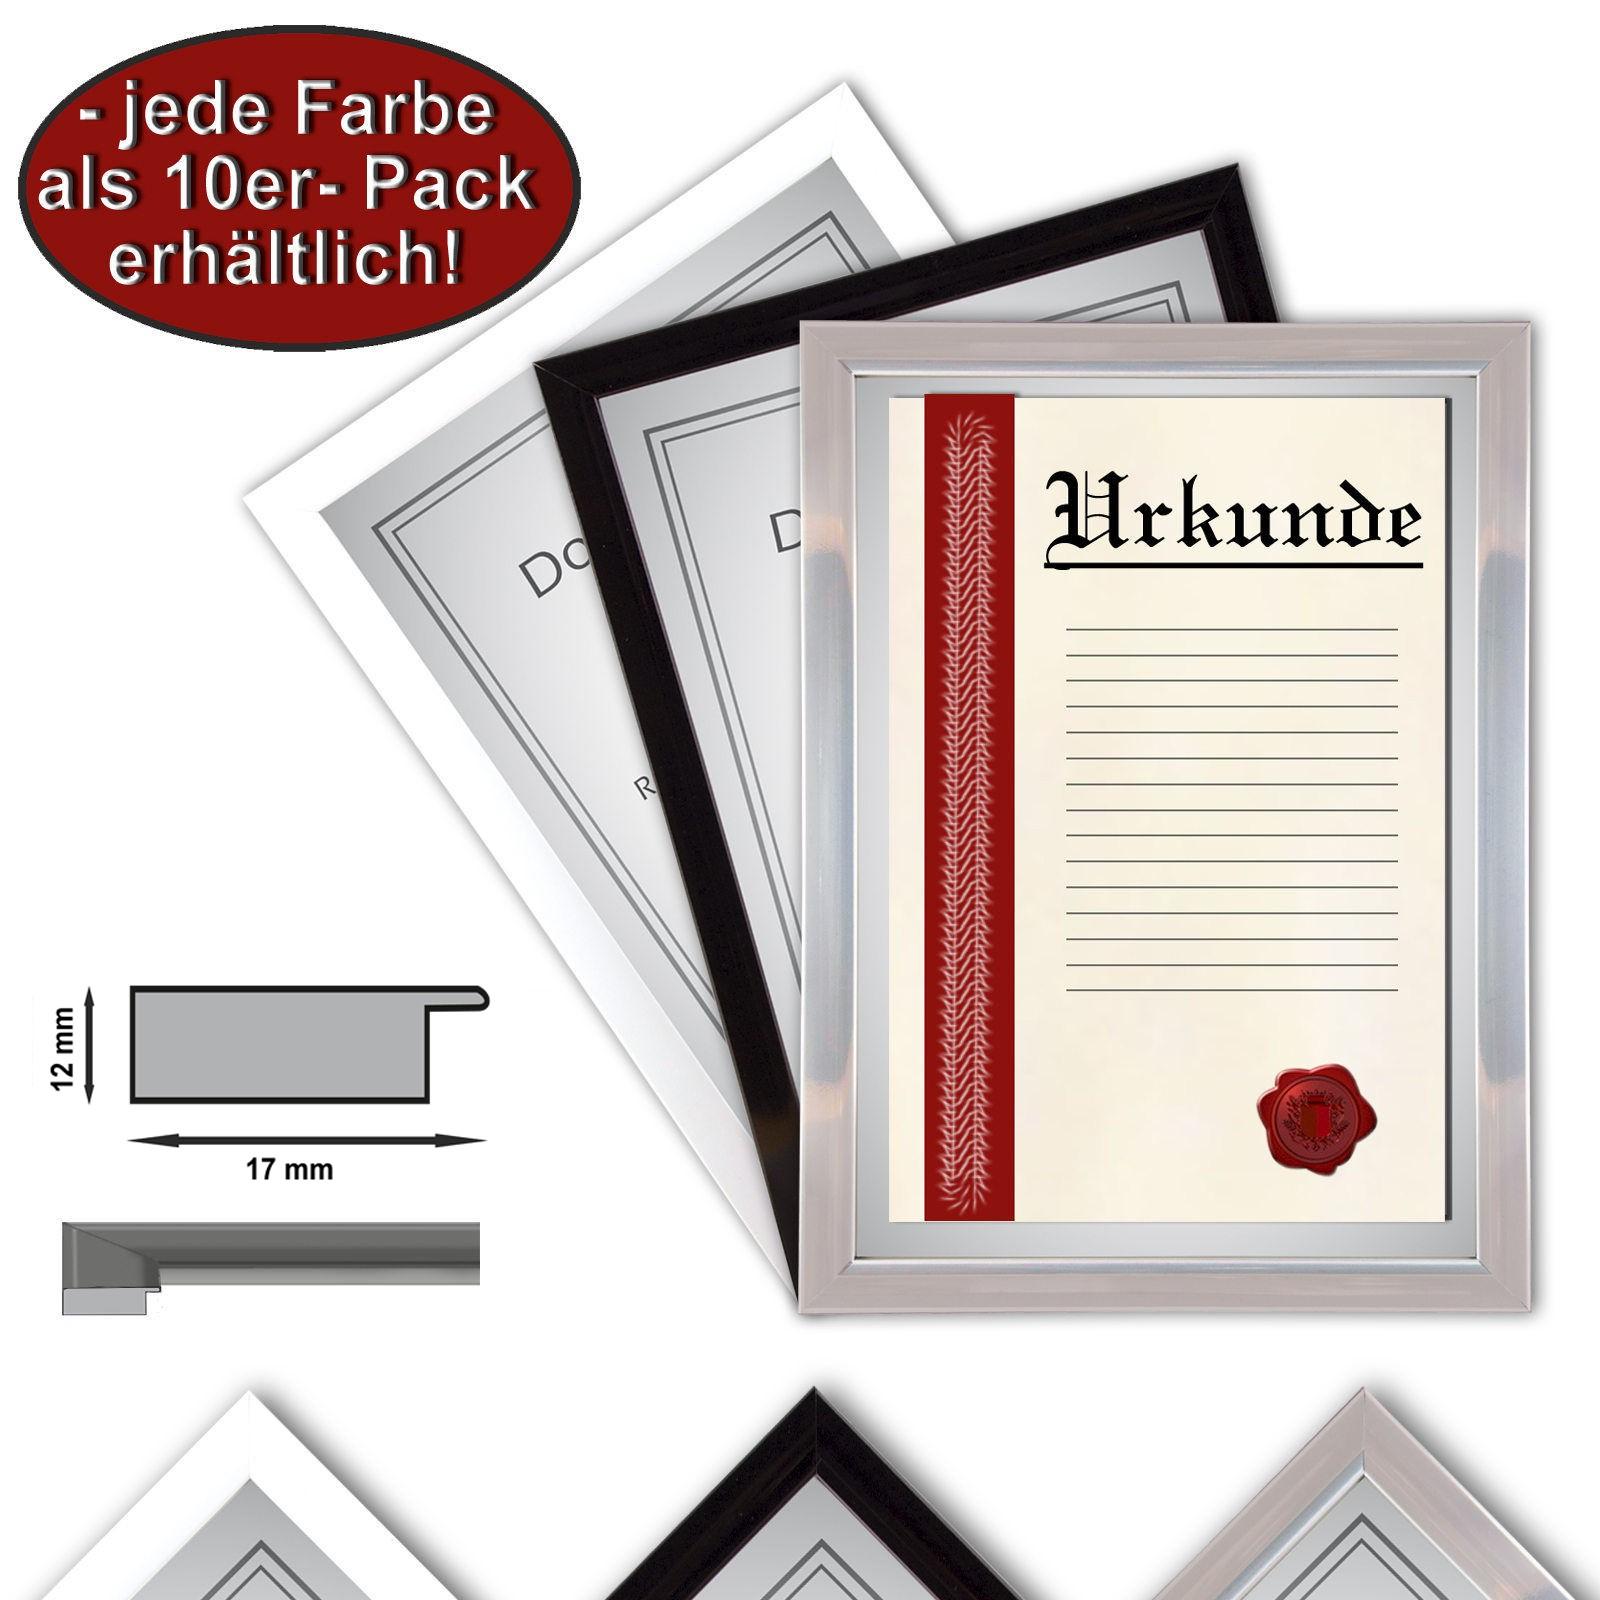 10 x marcos del marco del certificado A4 21x29,7 de fotos, marcos de ...